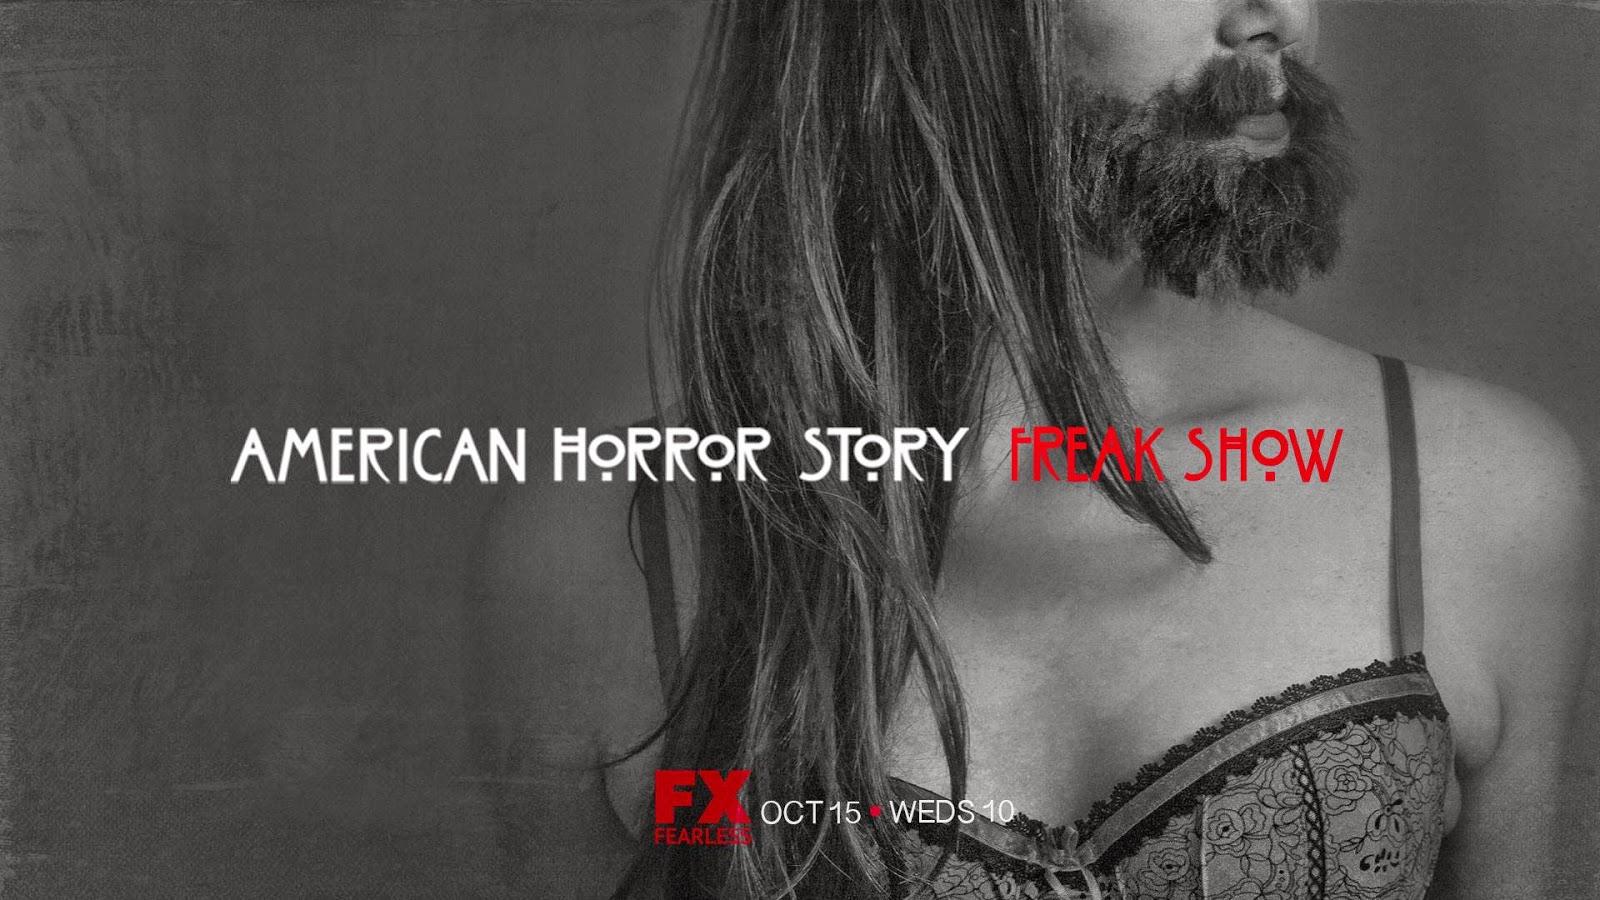 Detalles del personaje de Sarah Paulson en 'Freak Show' y más